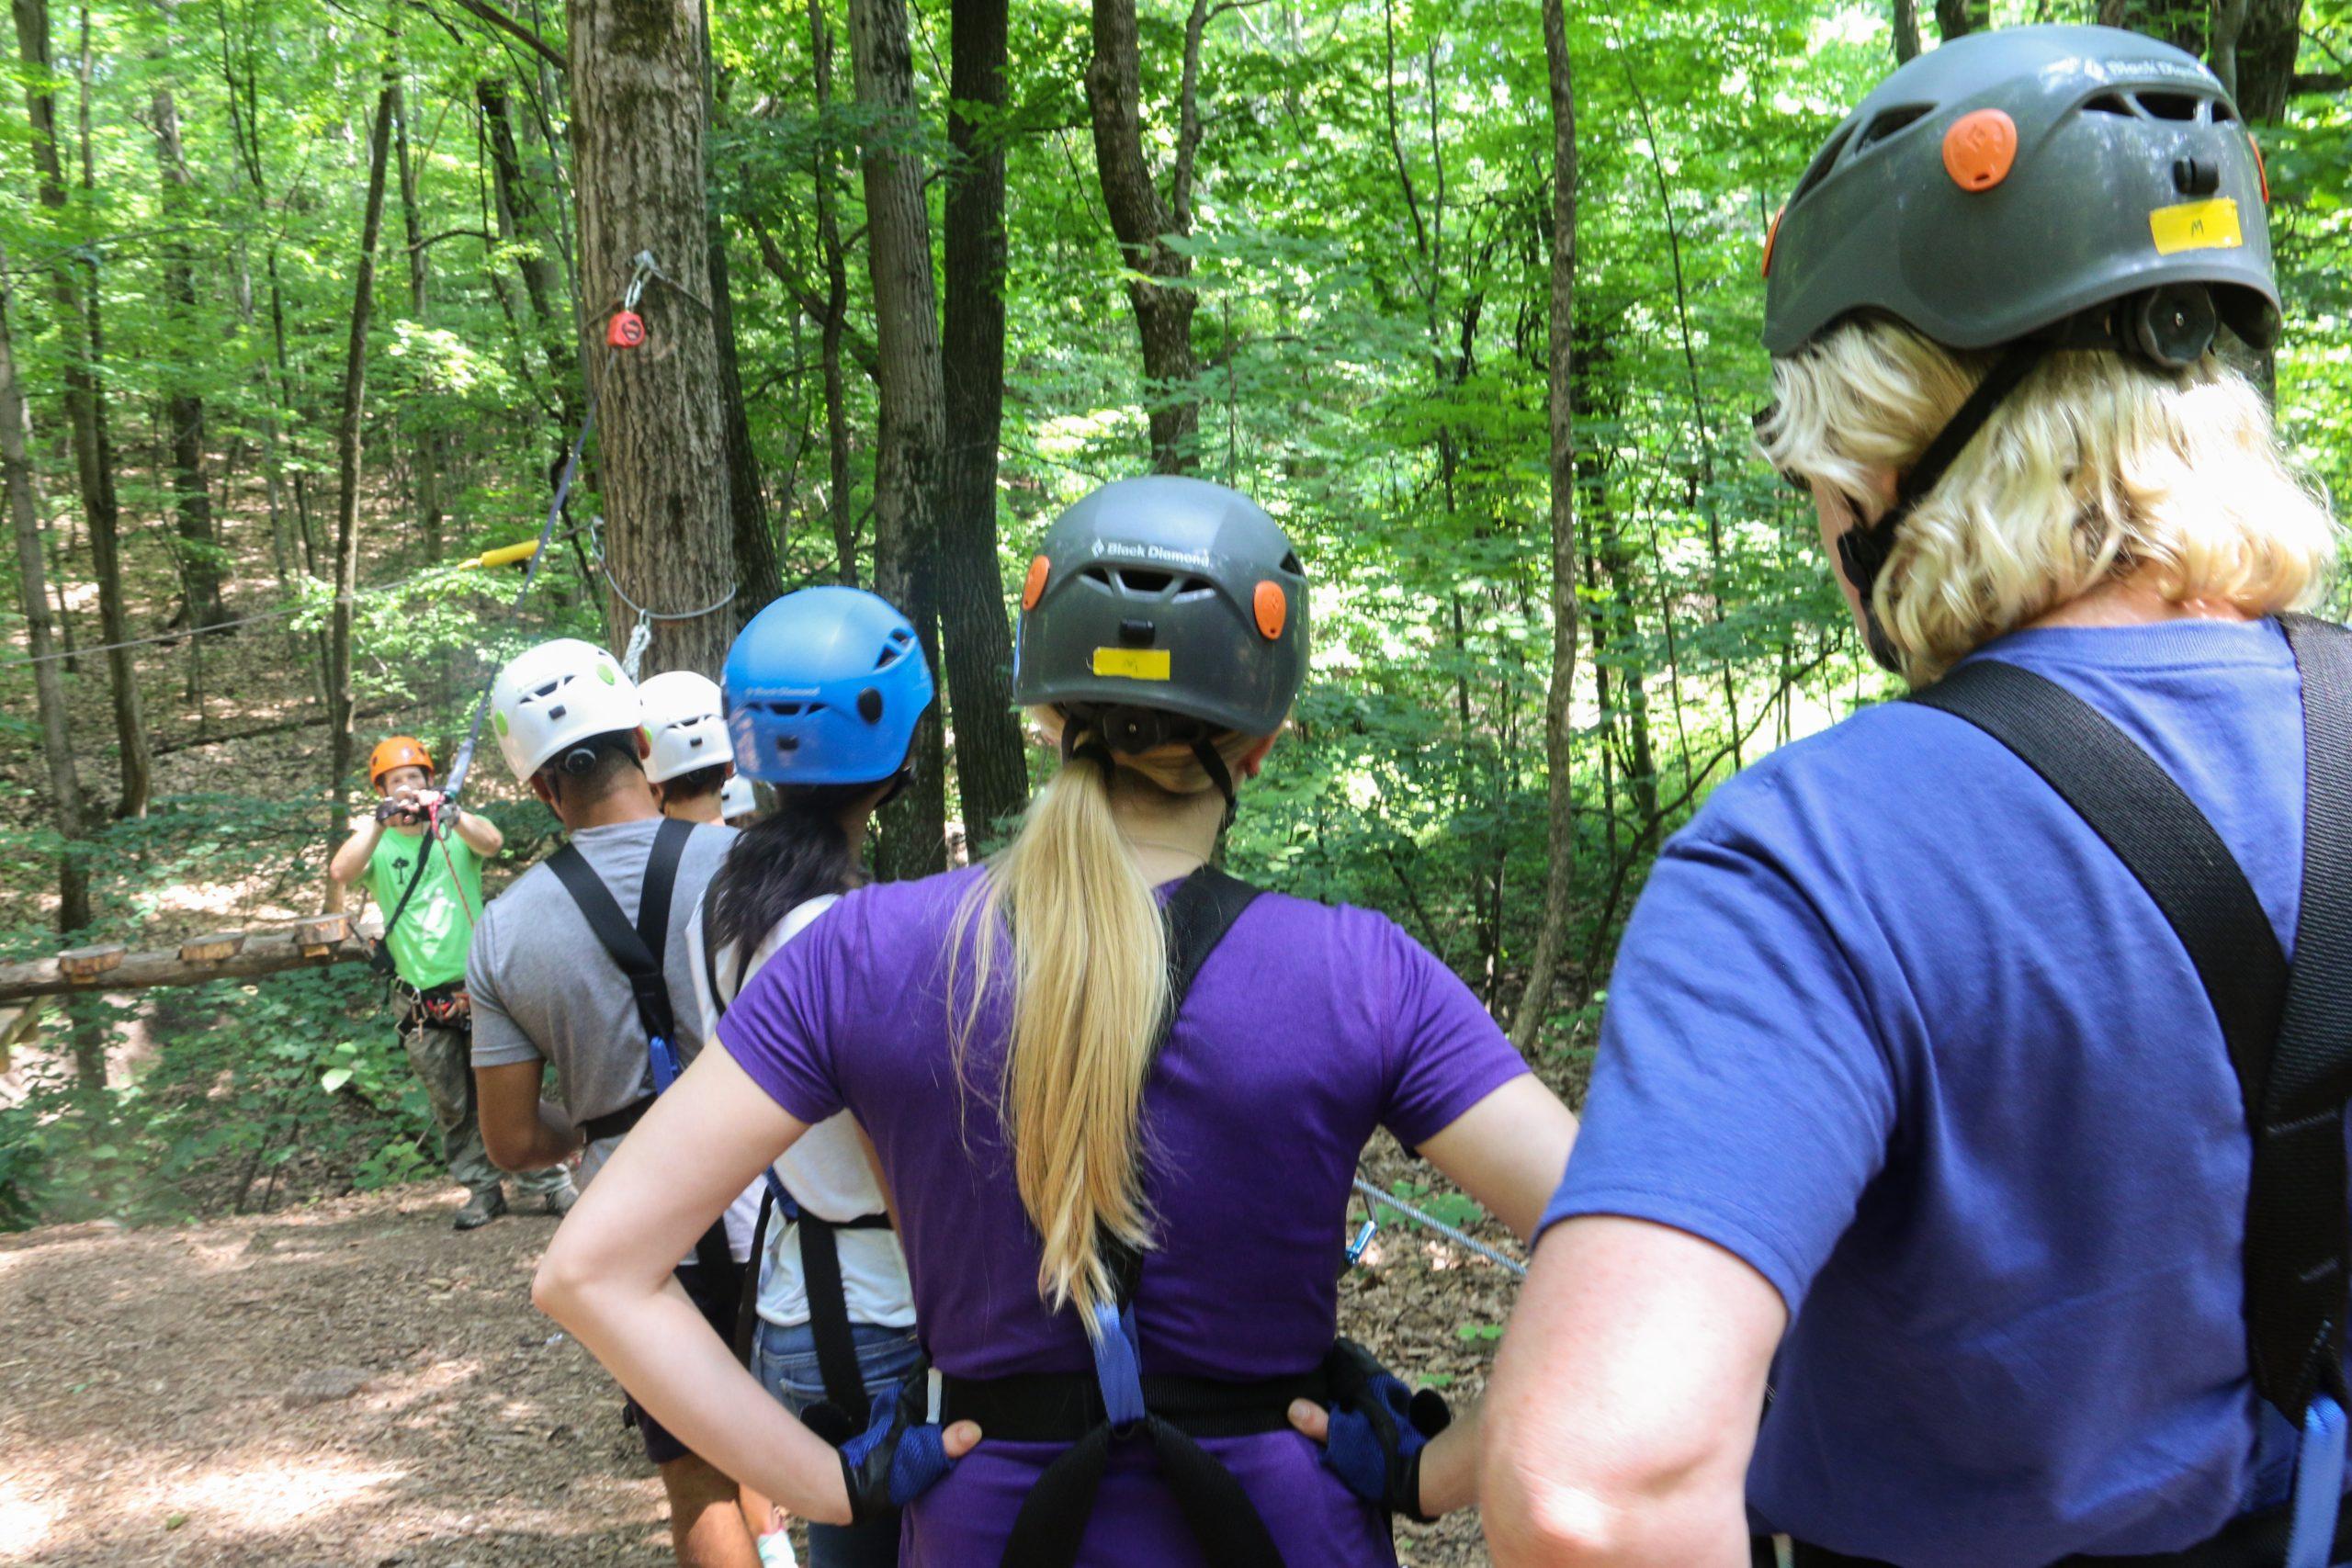 Mountain Ridge Adventure Park